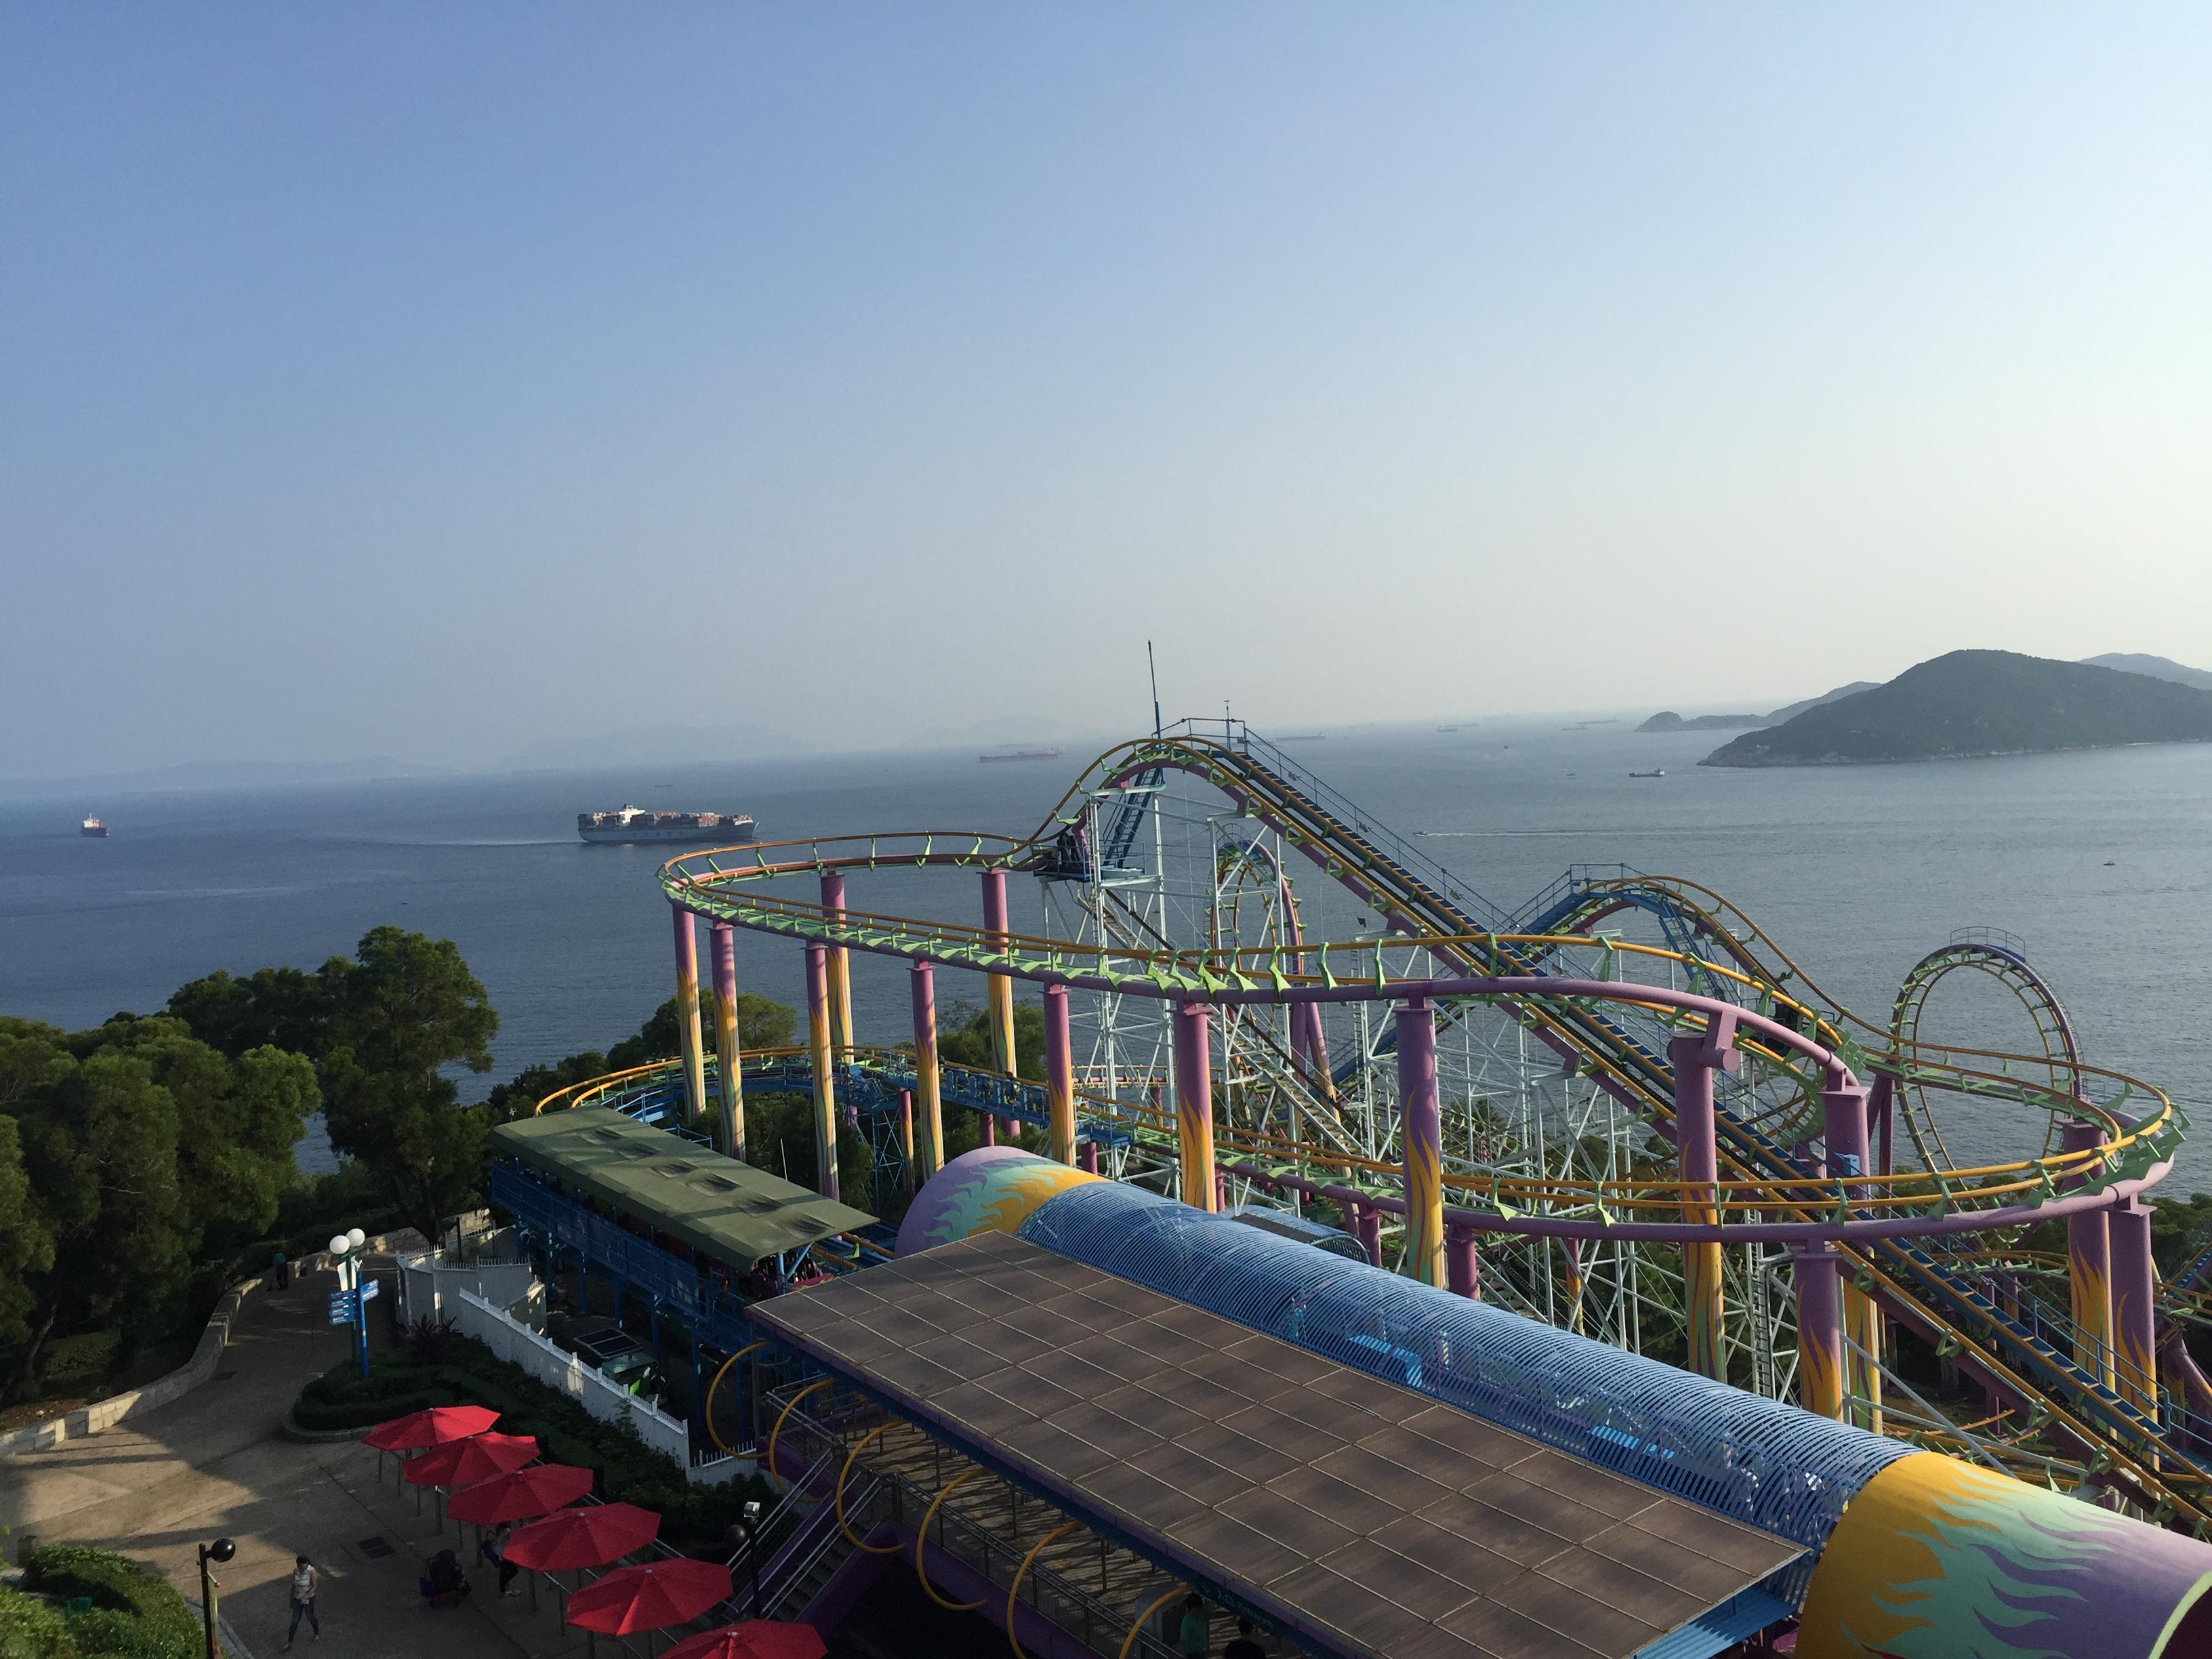 Atracción en Ocean Park con vistas al Mar de China